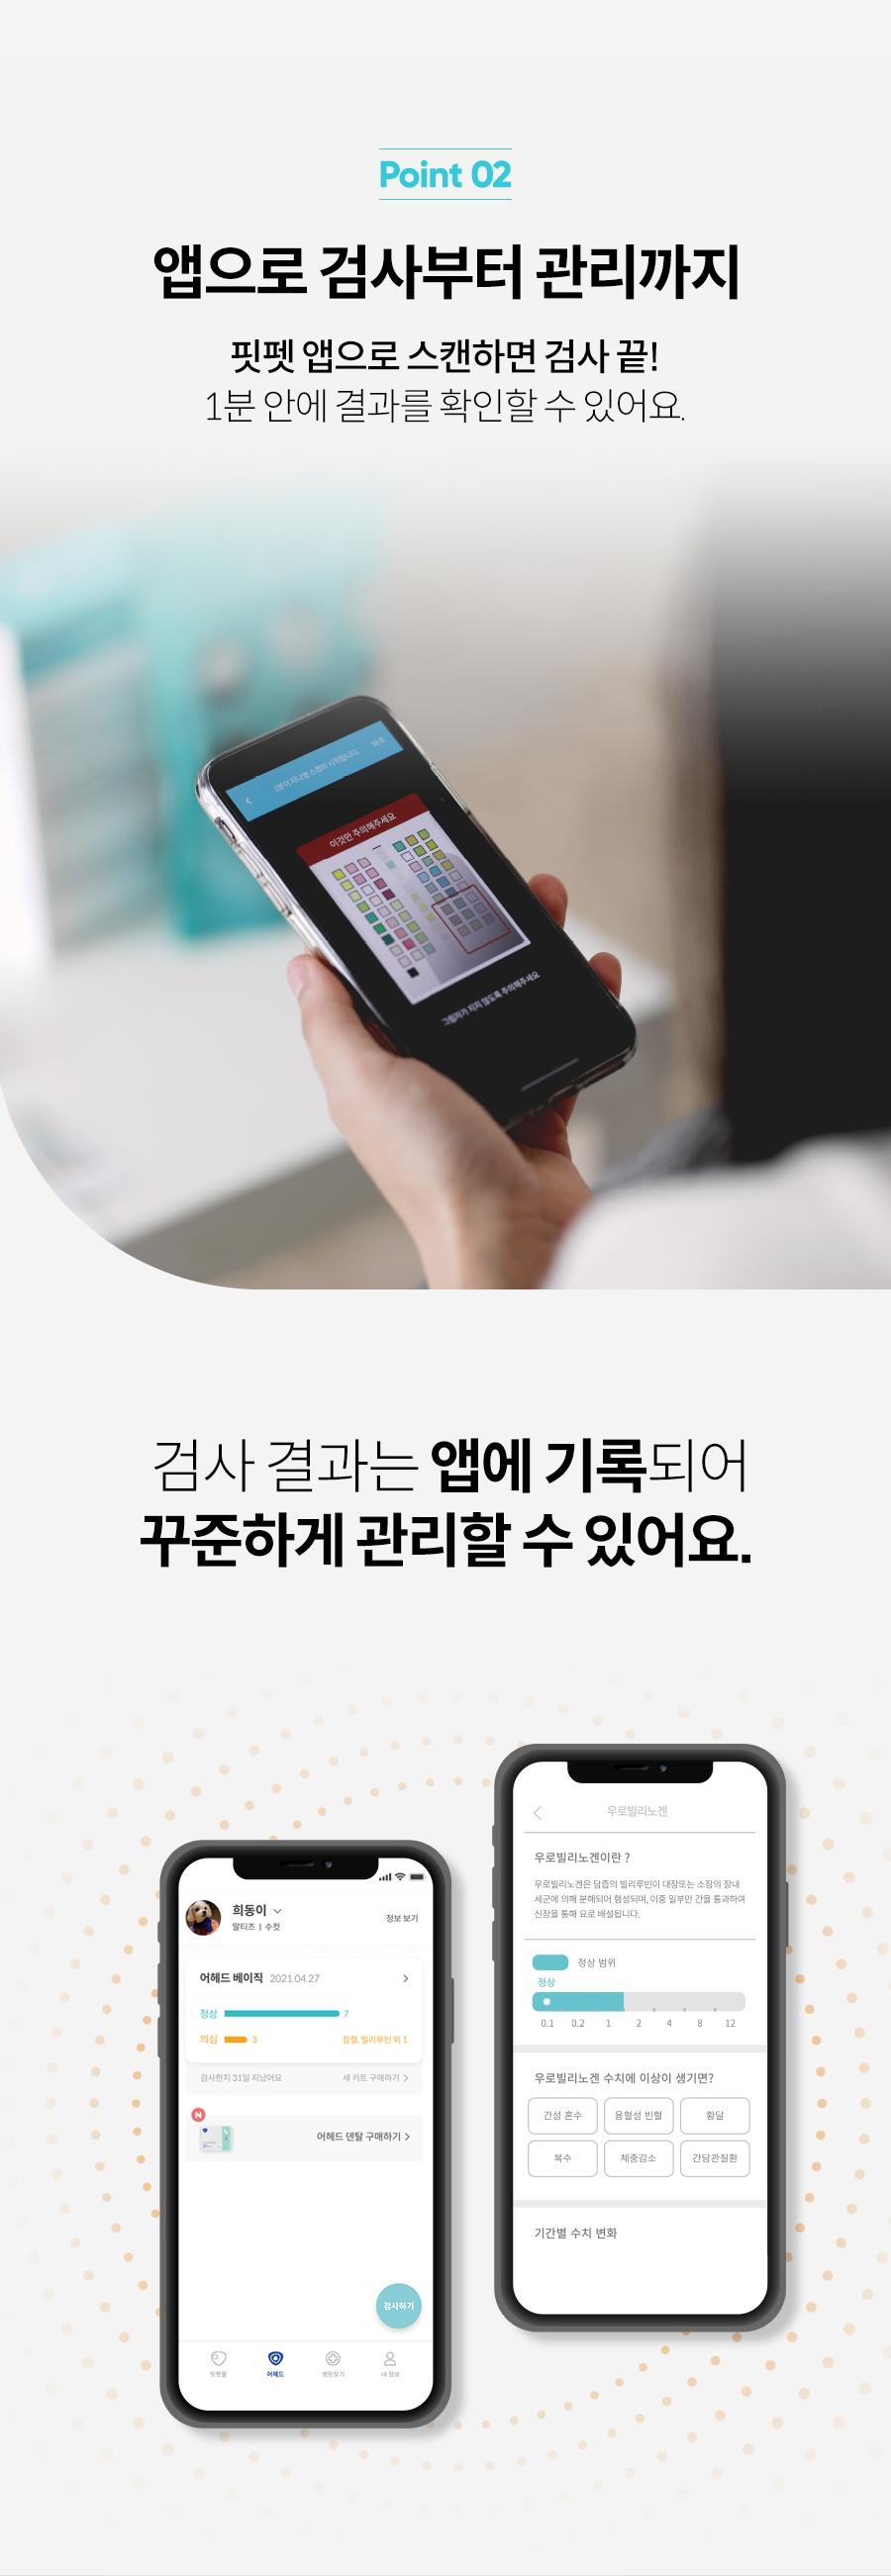 [리뉴얼이벤트] 어헤드 베이직 리뉴얼 출시-상품이미지-5